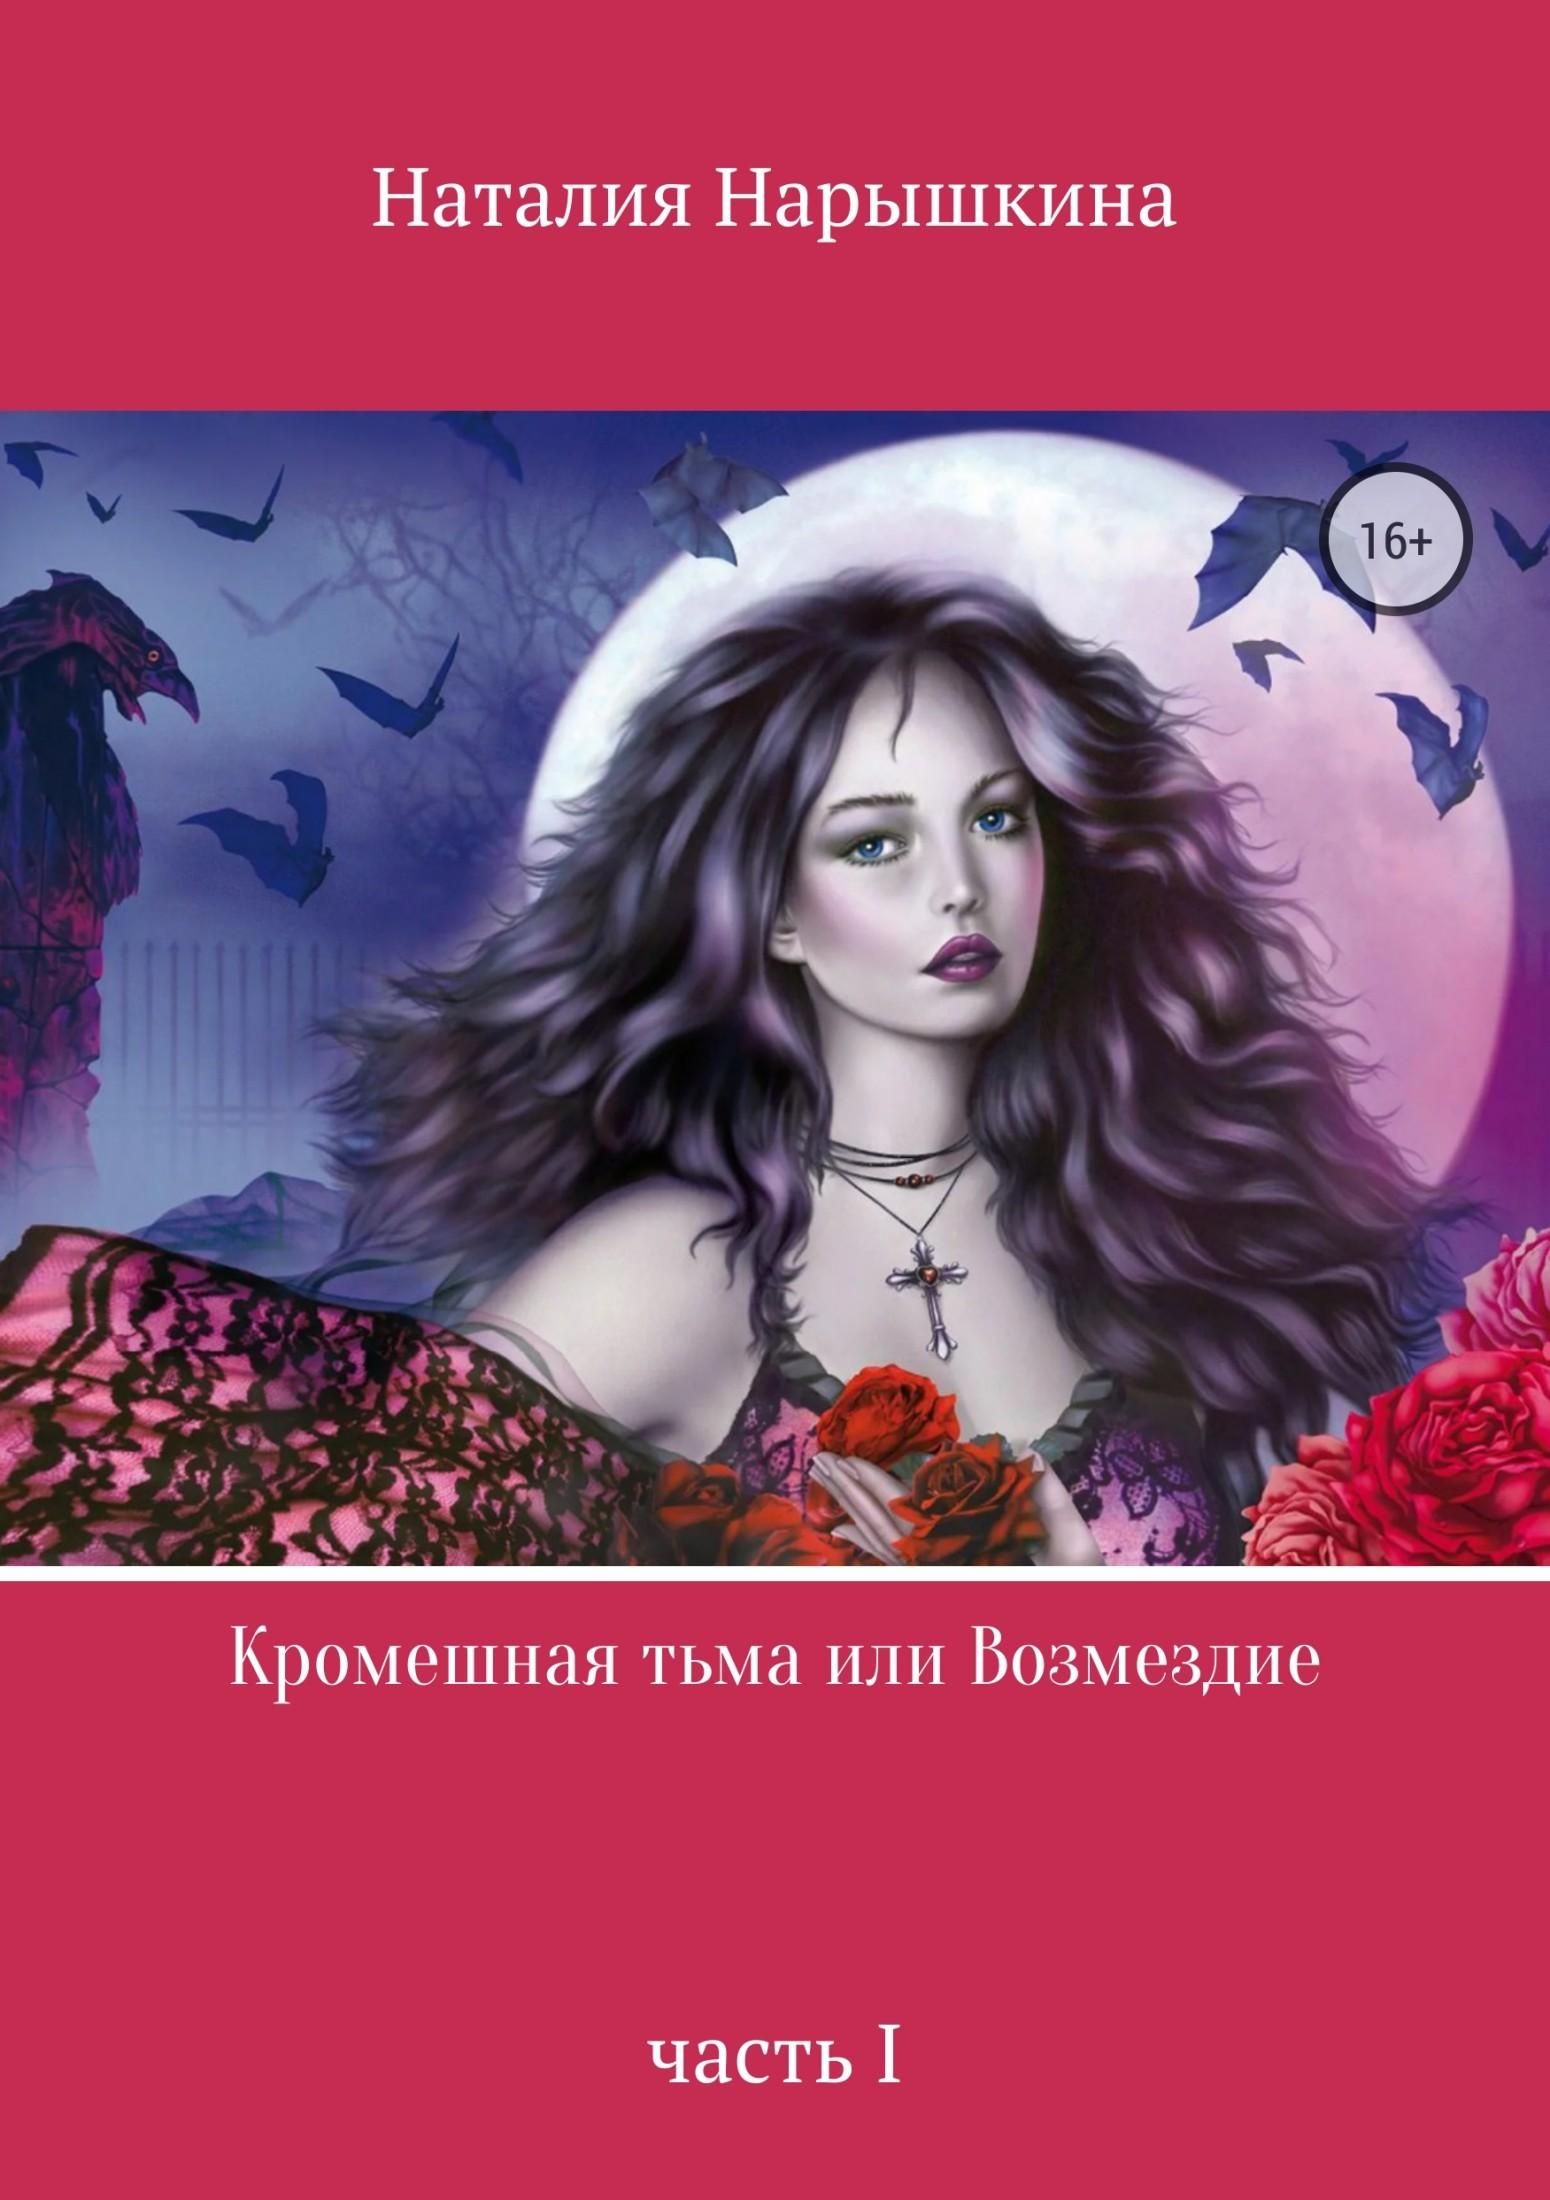 Наталия Нарышкина - Кромешная тьма или Возмездие